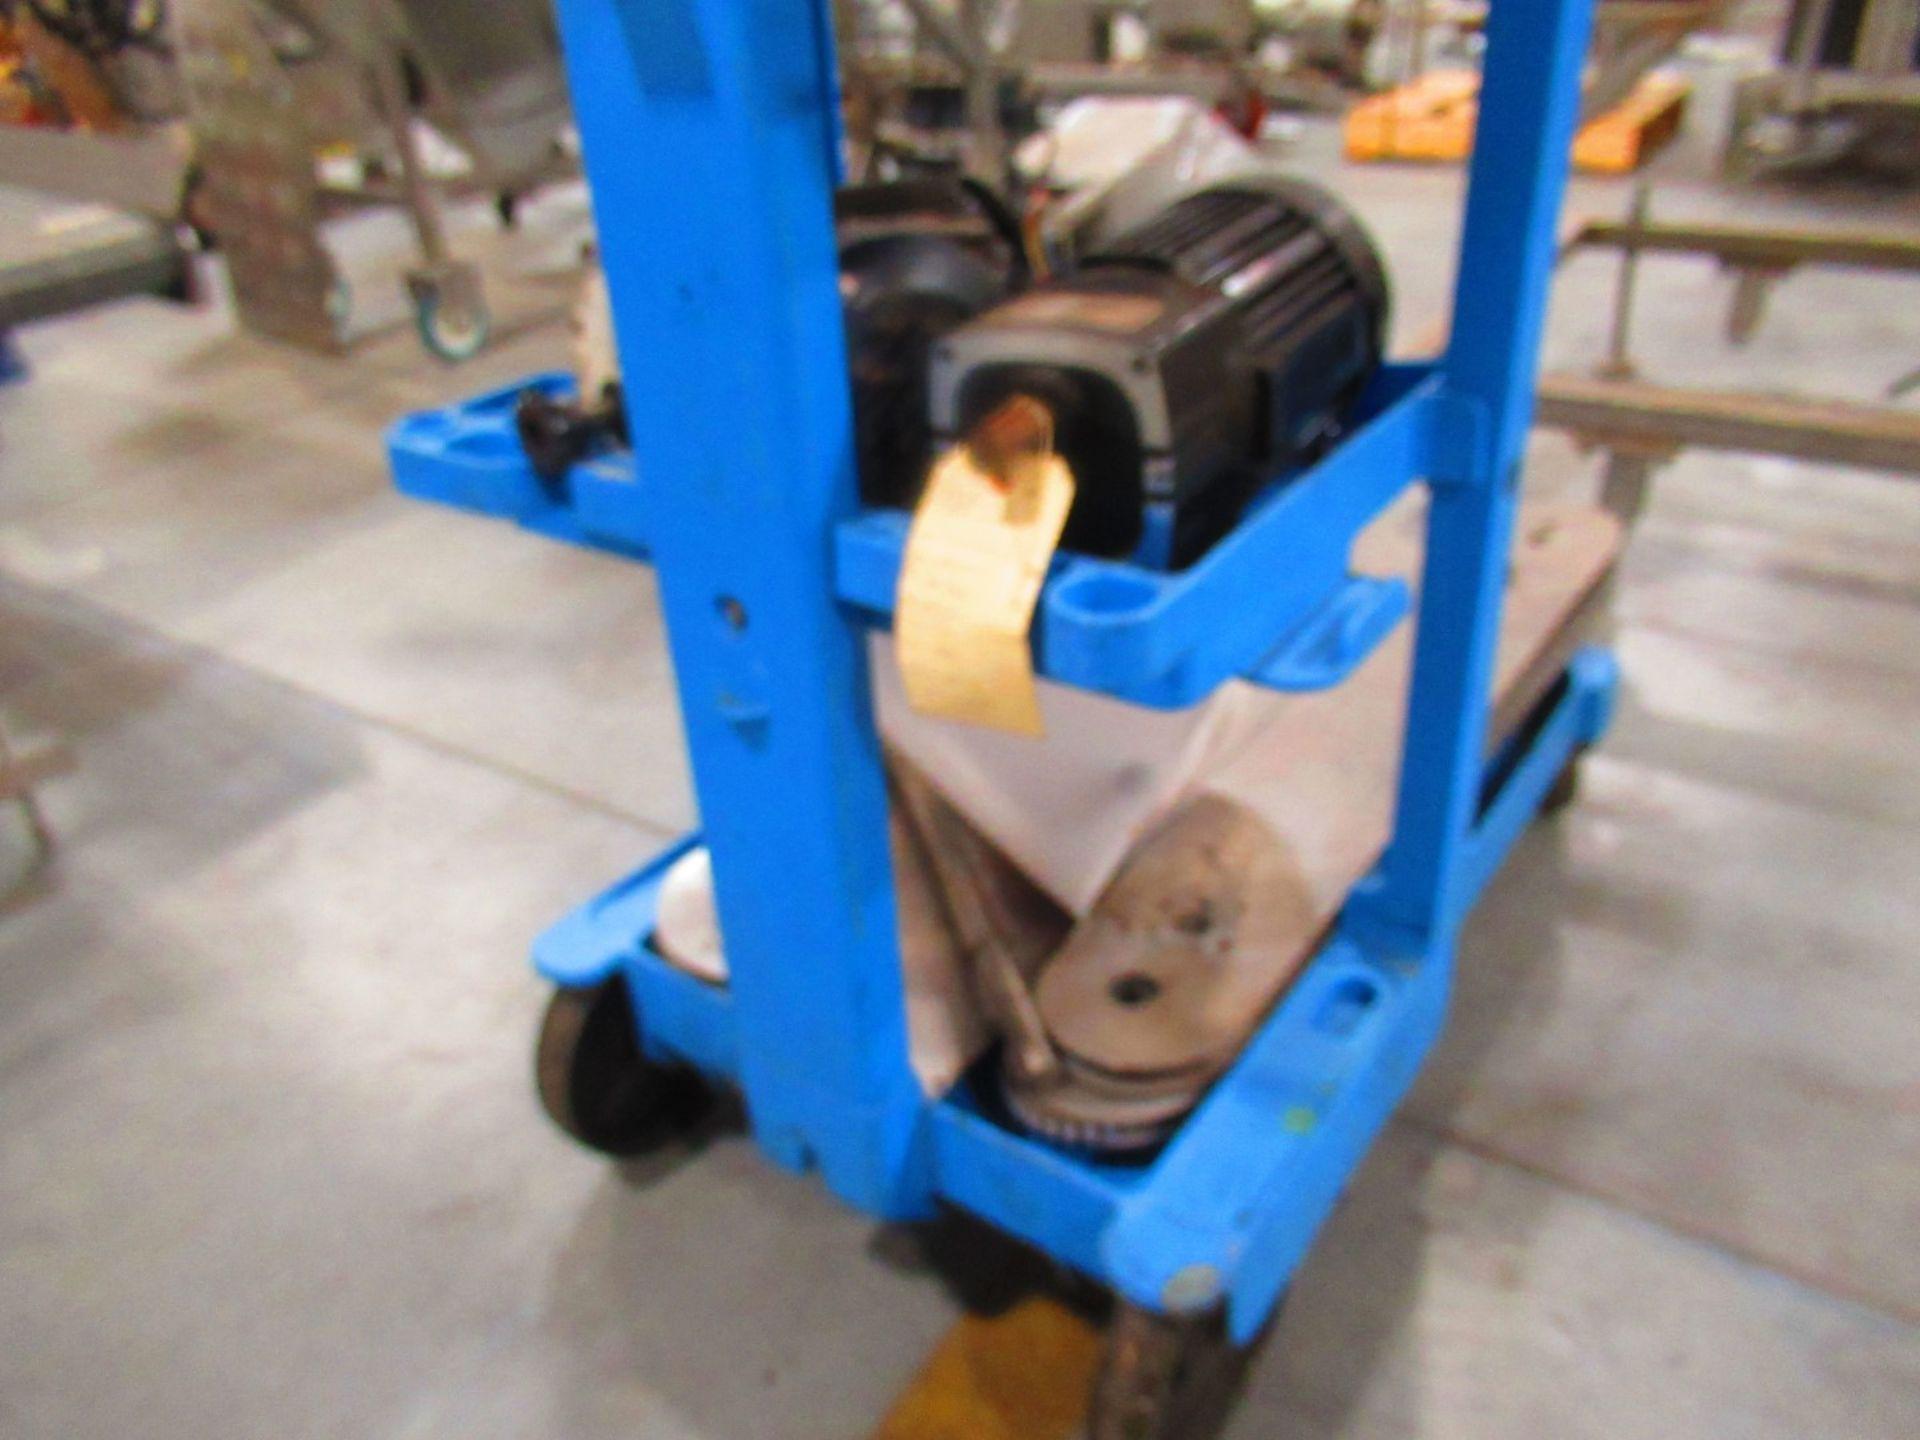 Case Sealer Parts - Image 3 of 4